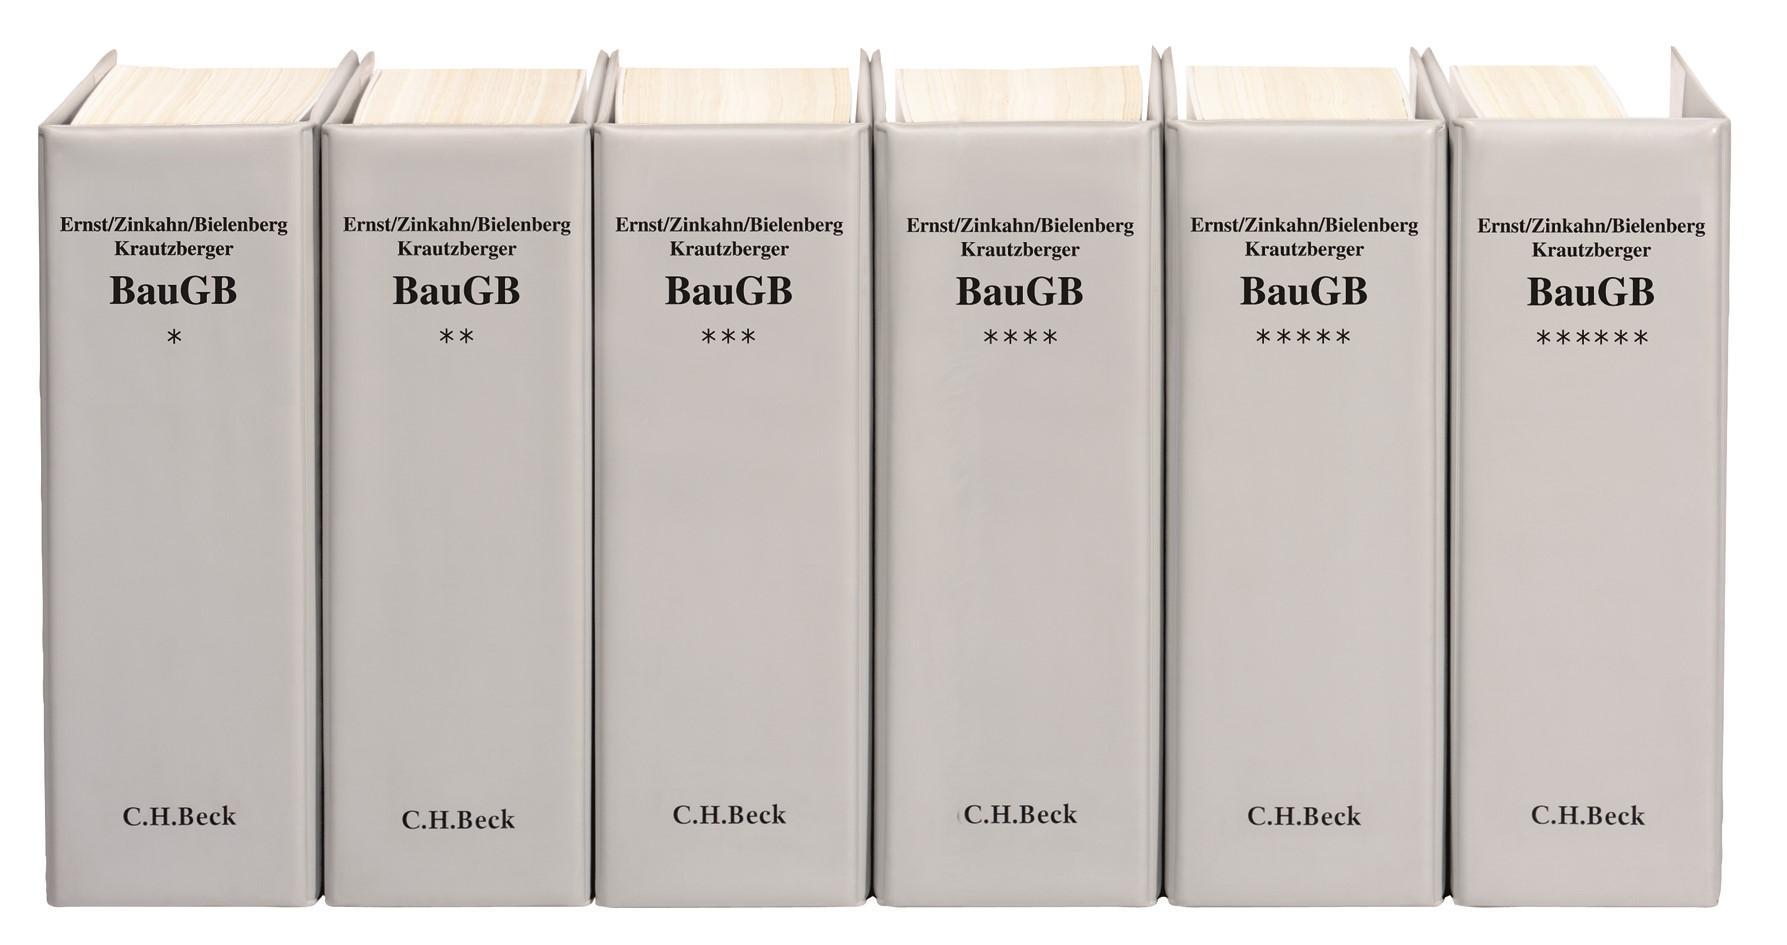 Baugesetzbuch | Ernst / Zinkahn / Bielenberg / Krautzberger | 125. Auflage (Cover)